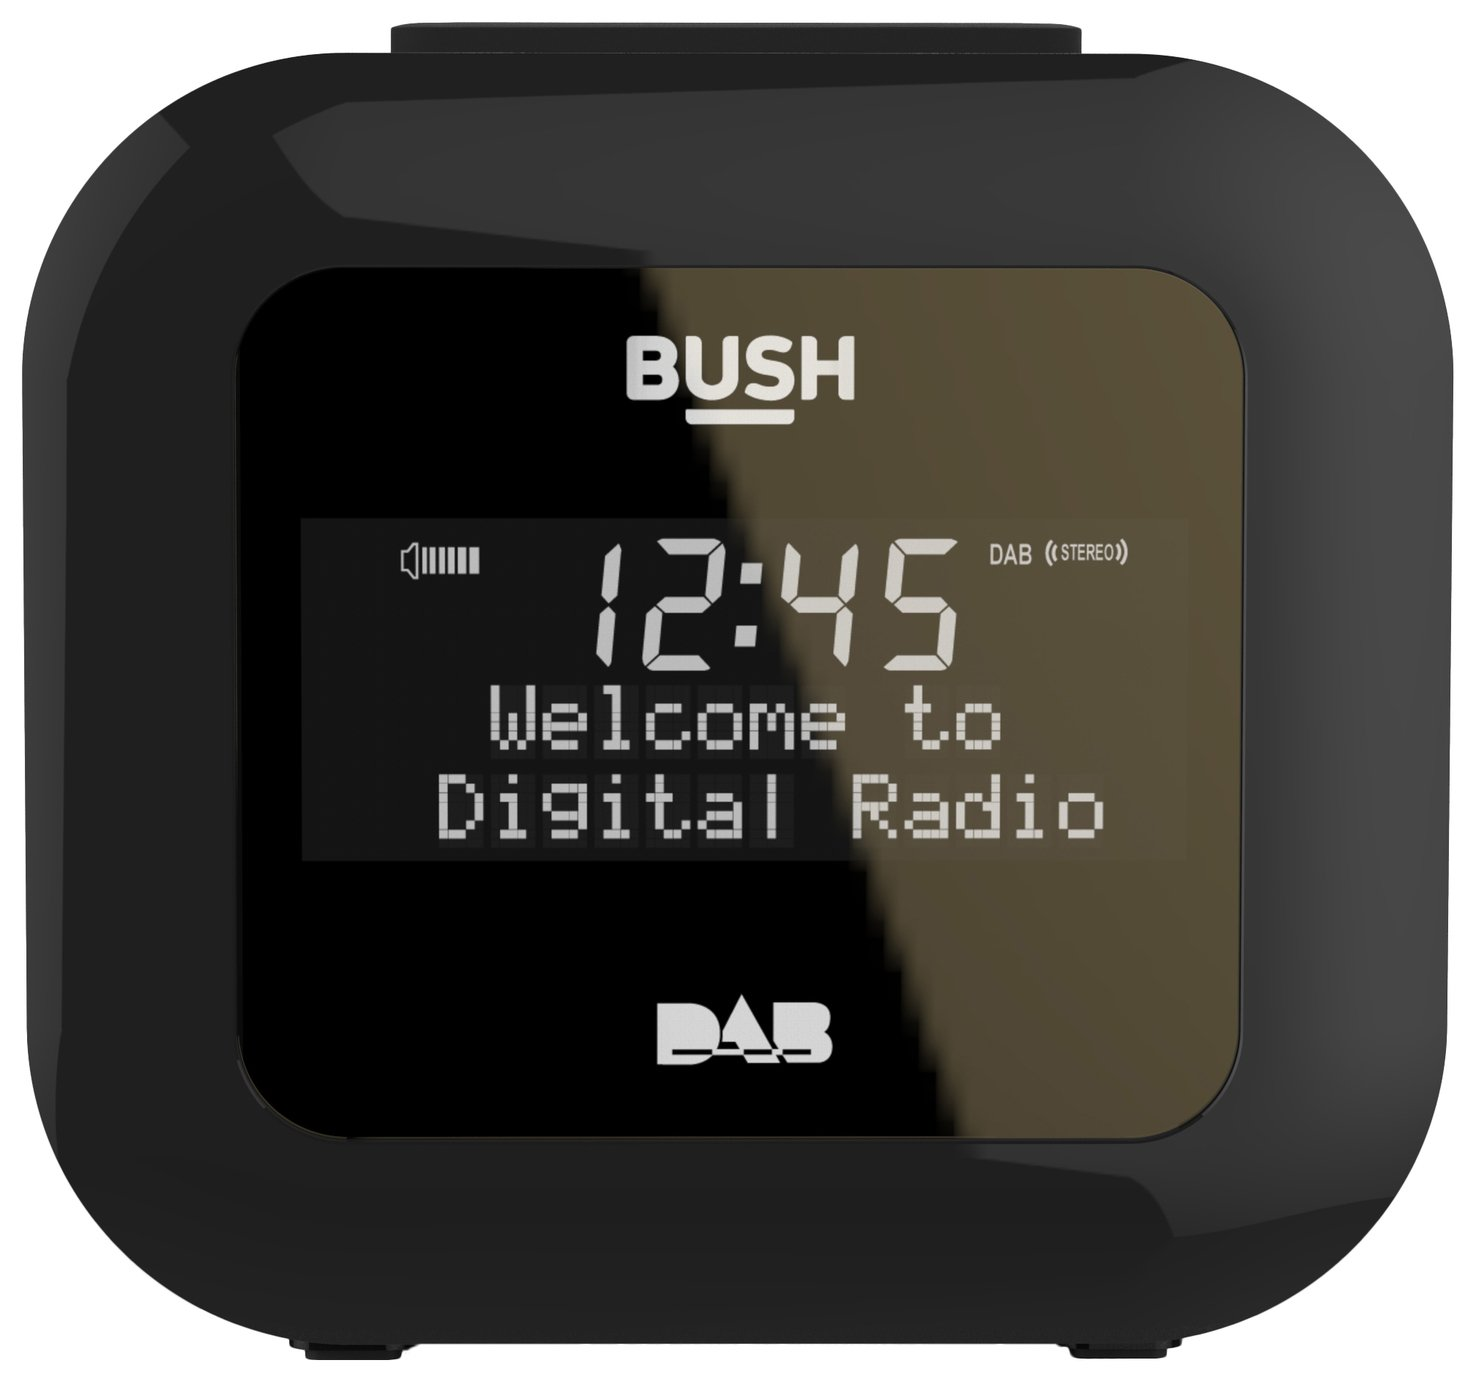 Bush USB DAB Clock Radio - Black